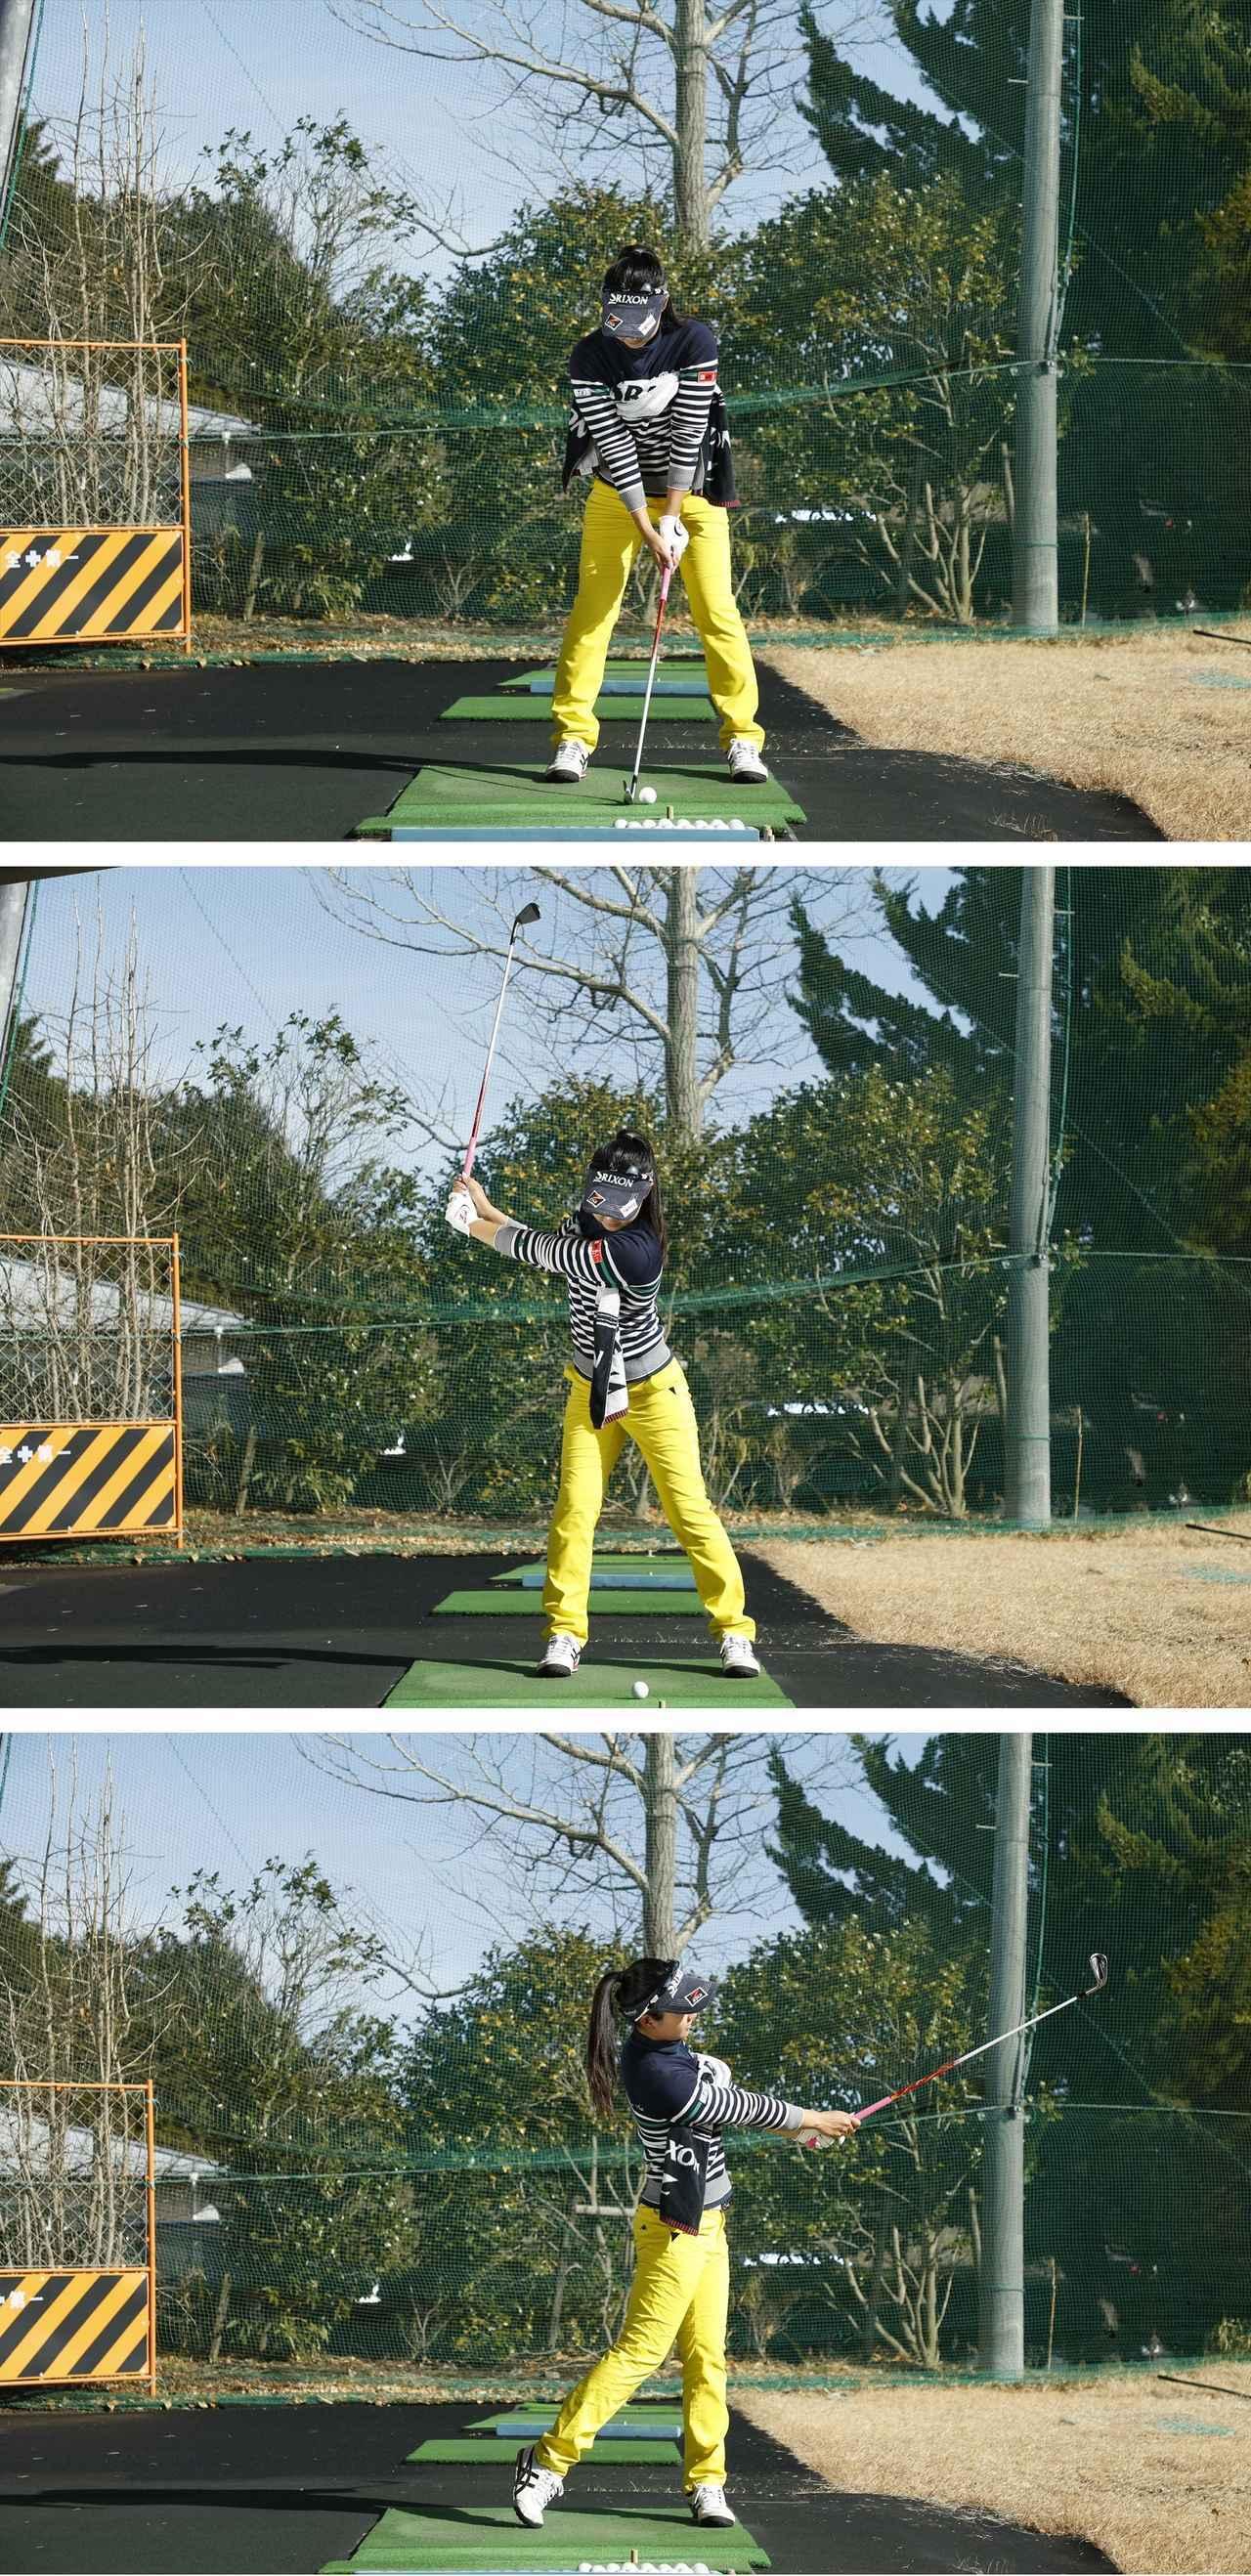 画像: 両わきにタオルを挟んだまま、そのタオルを落とさないように肩から肩の振り幅でボールを打とう